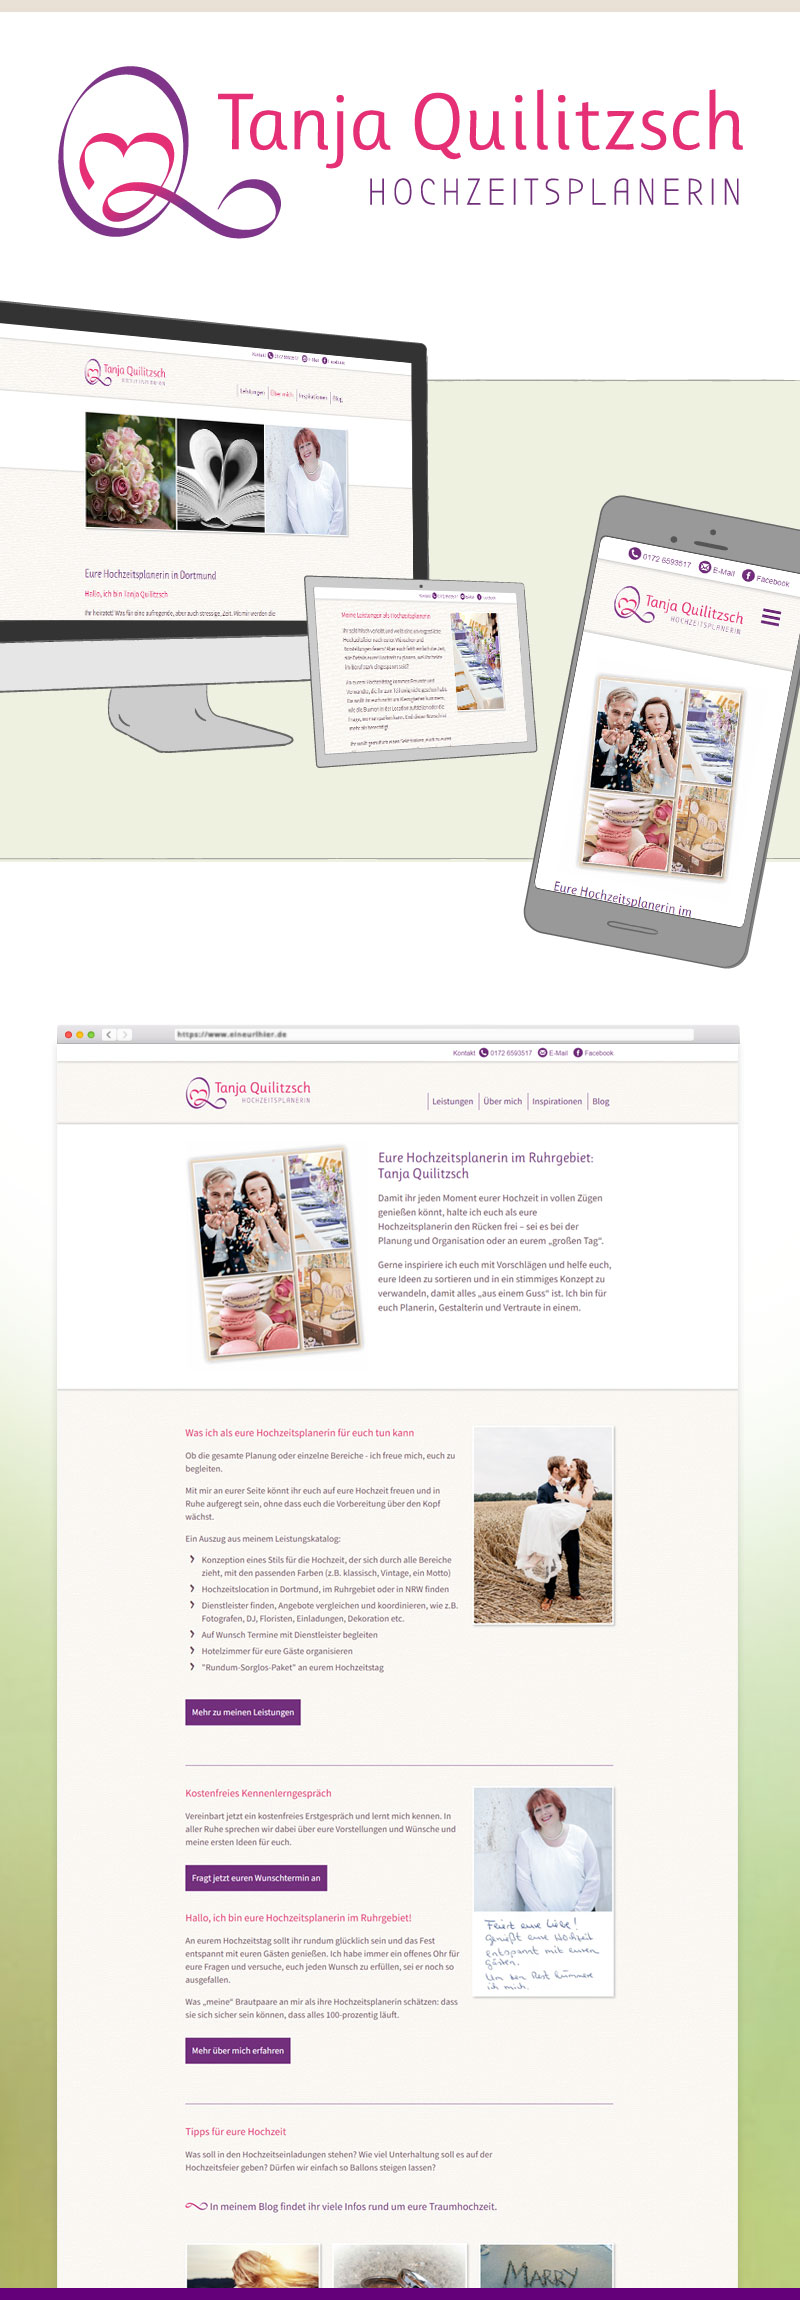 Webdesign für Tanja Quilitzsch Hochzeitsplanerin